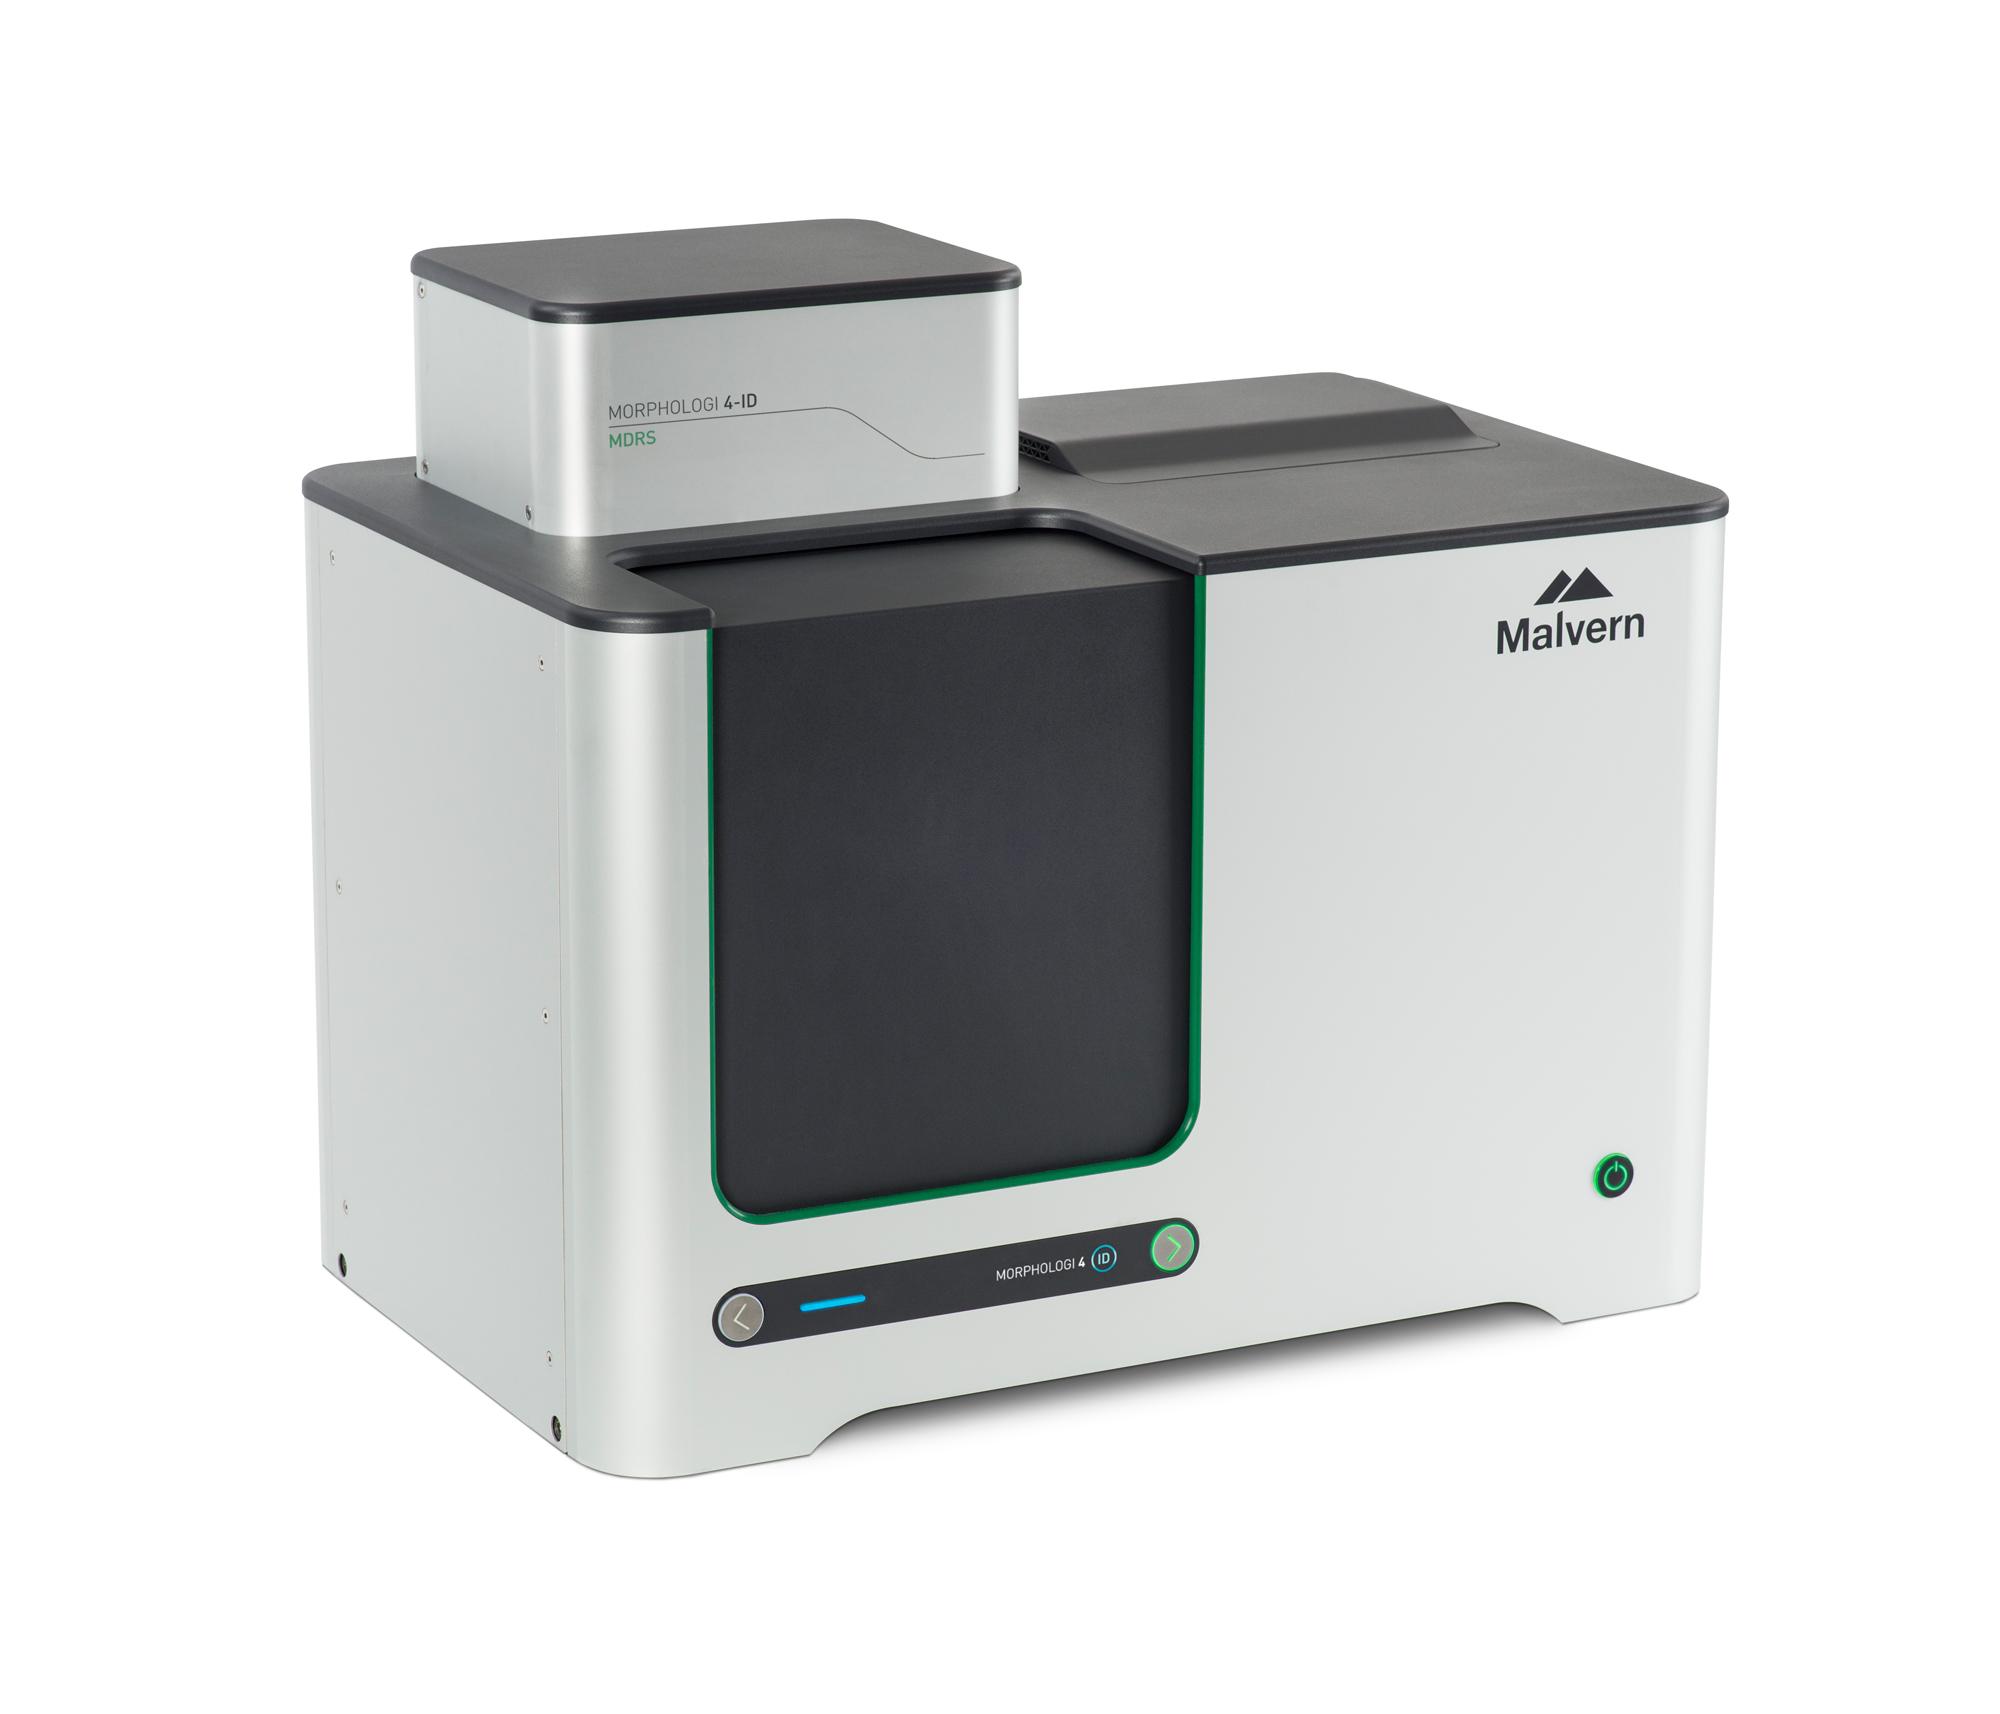 Analyseur de particule morphologi g4 et g4-id